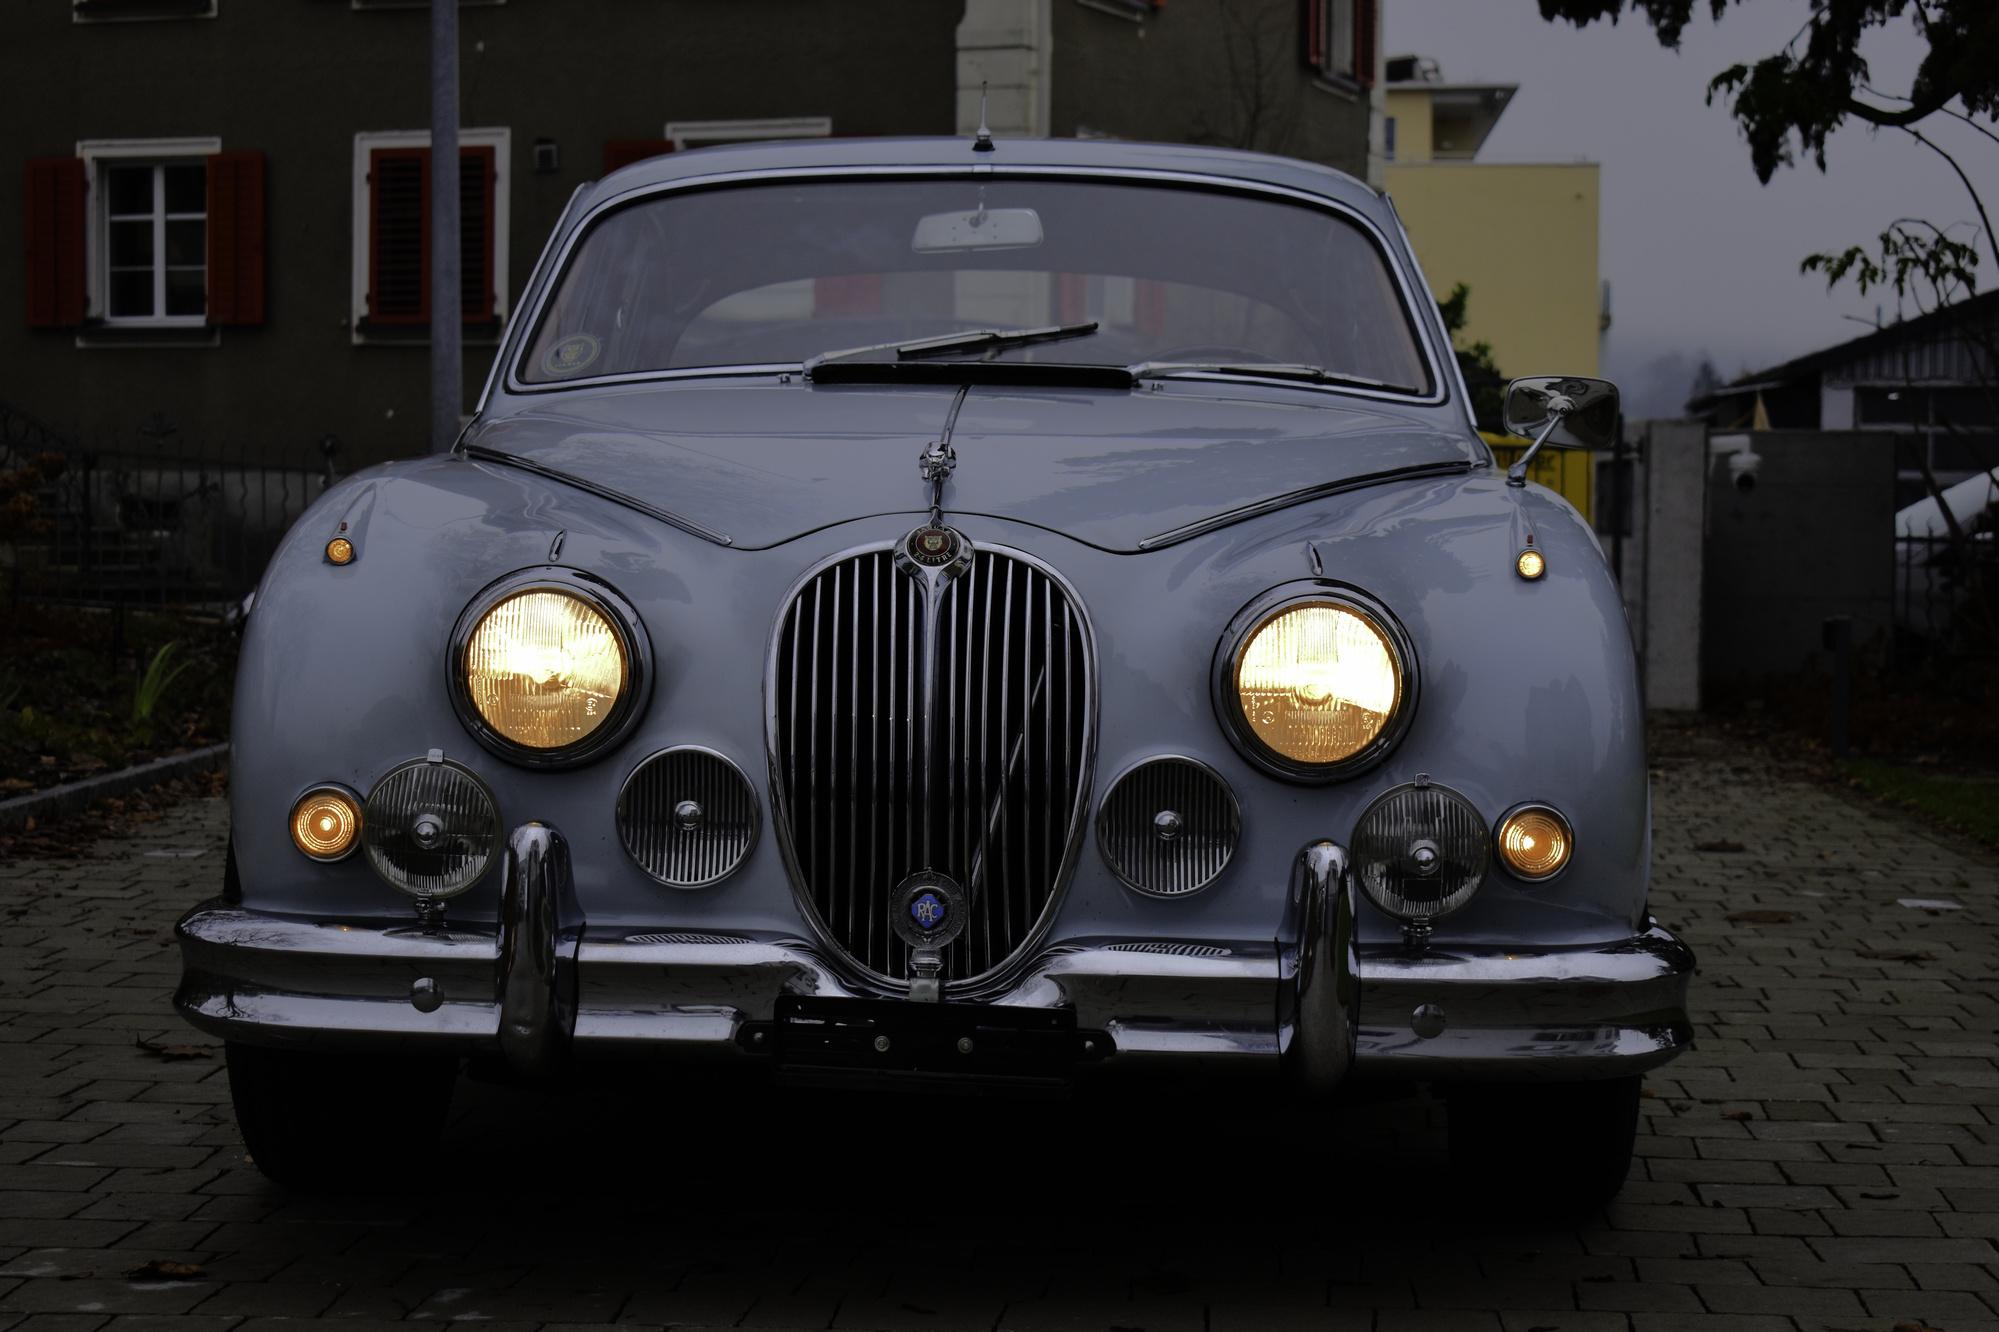 Hellblauer 1965 Jaguar Mark 2 2.4 Liter Oldtimer Veteranenfahrzeug in Dreiviertelansicht von vorne links mit Bäumen und Dorf im Hintergrund